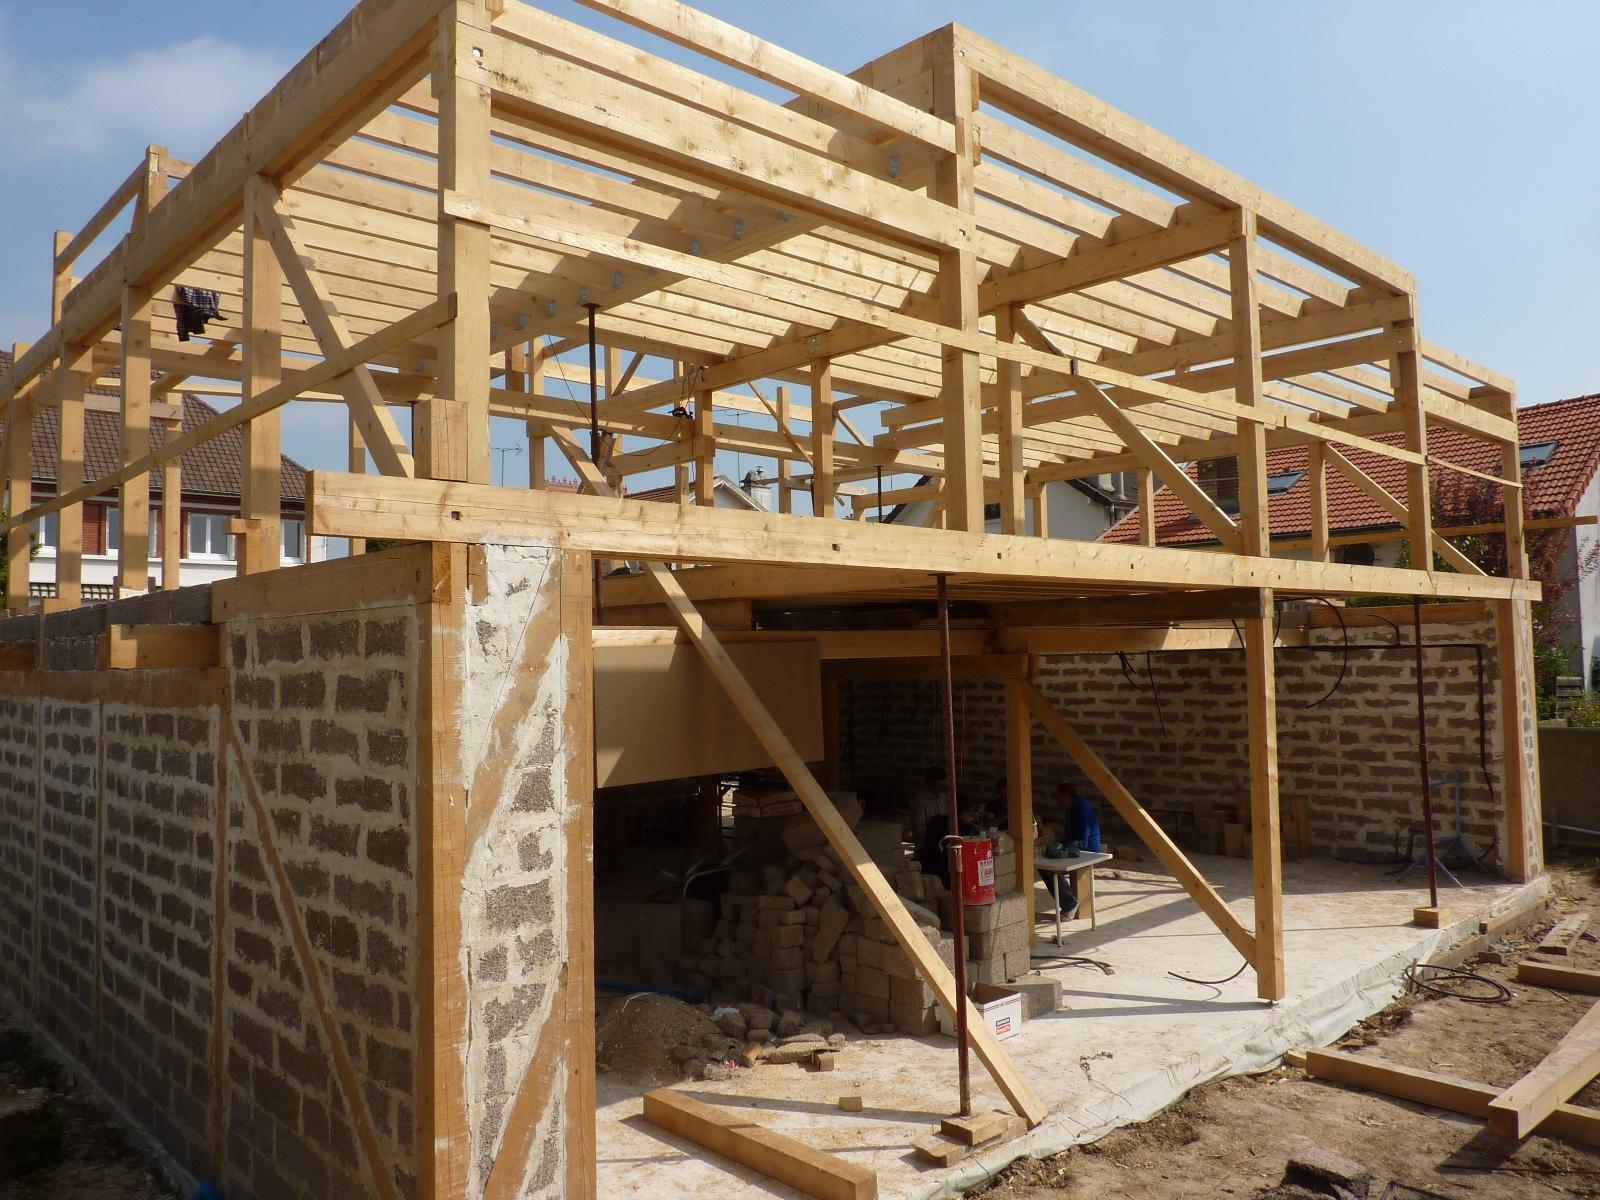 architecte maison en bois architecte maison bois paris. Black Bedroom Furniture Sets. Home Design Ideas